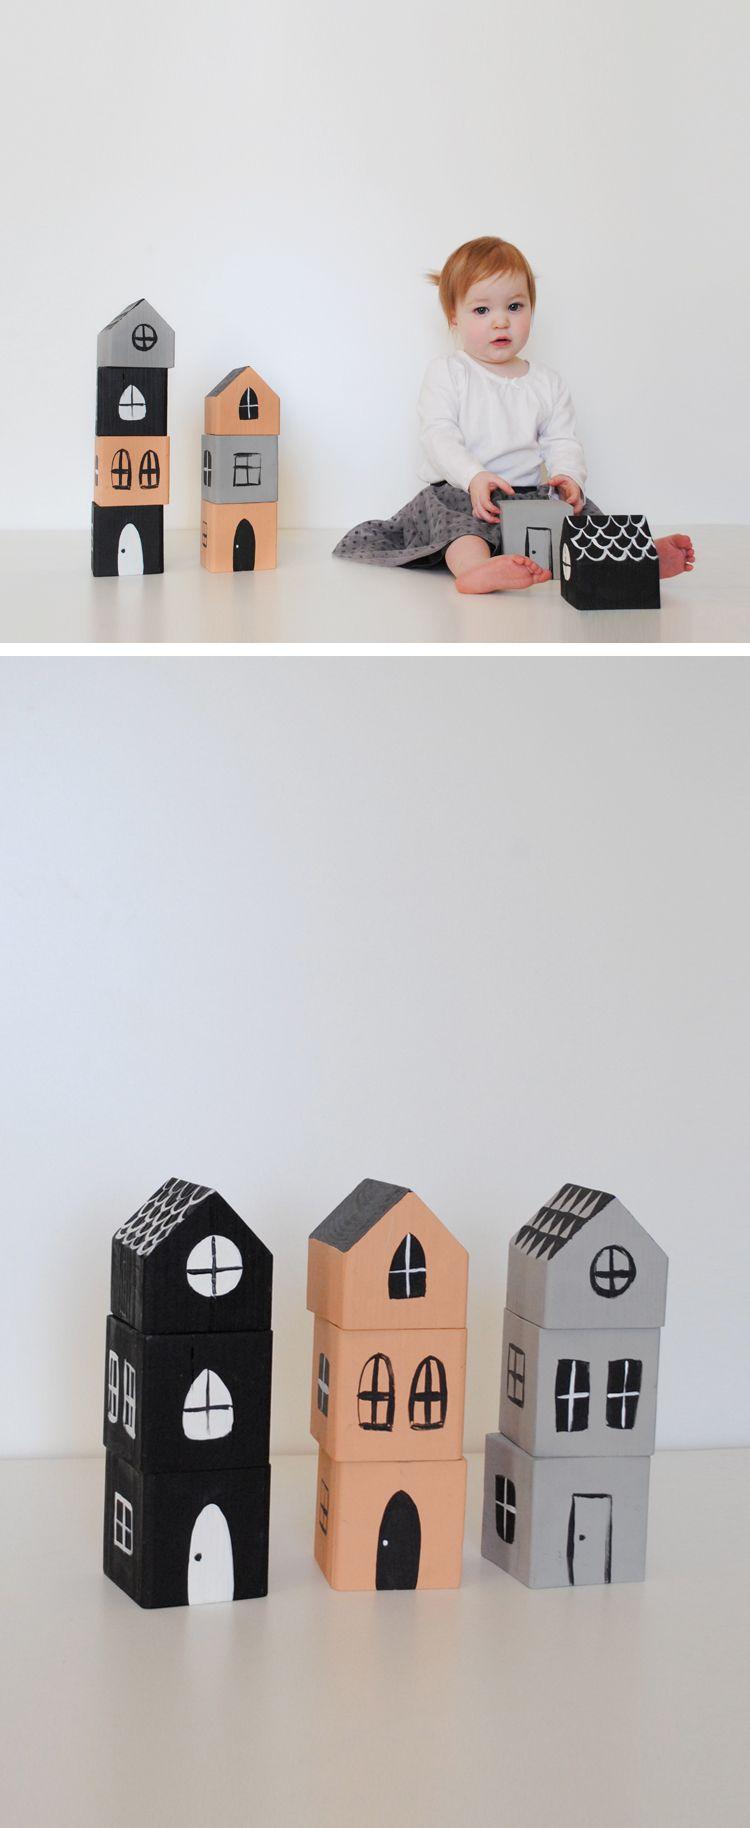 kl tzchen lov e is fr little b. Black Bedroom Furniture Sets. Home Design Ideas